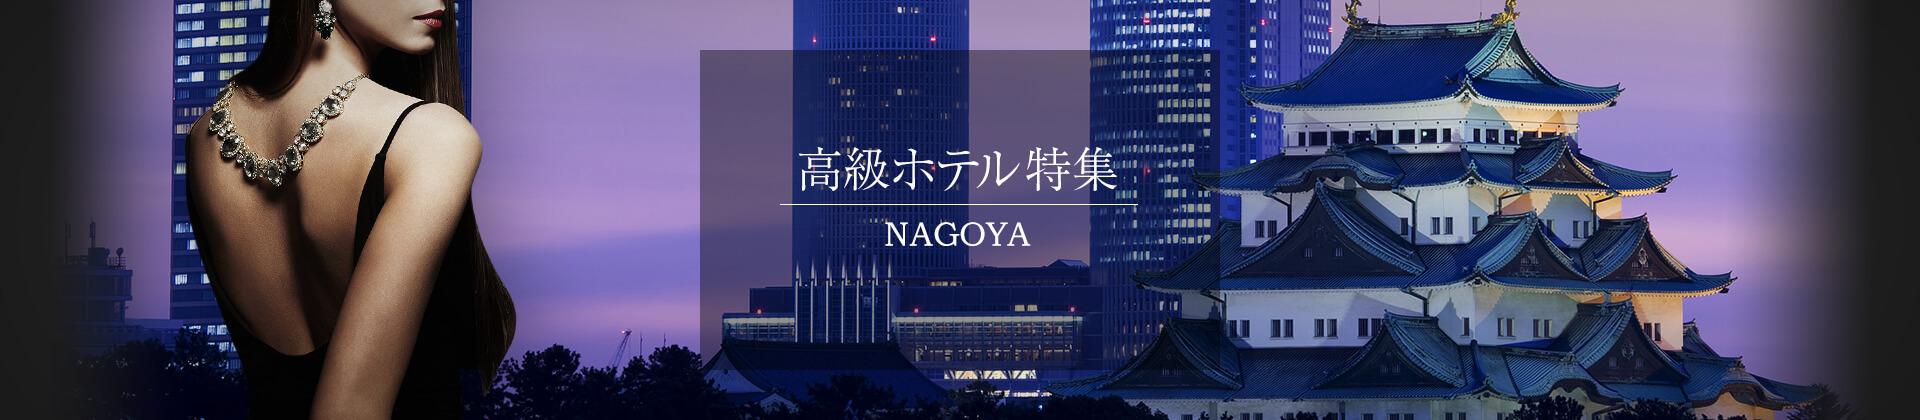 高級ホテル特集 (名古屋)